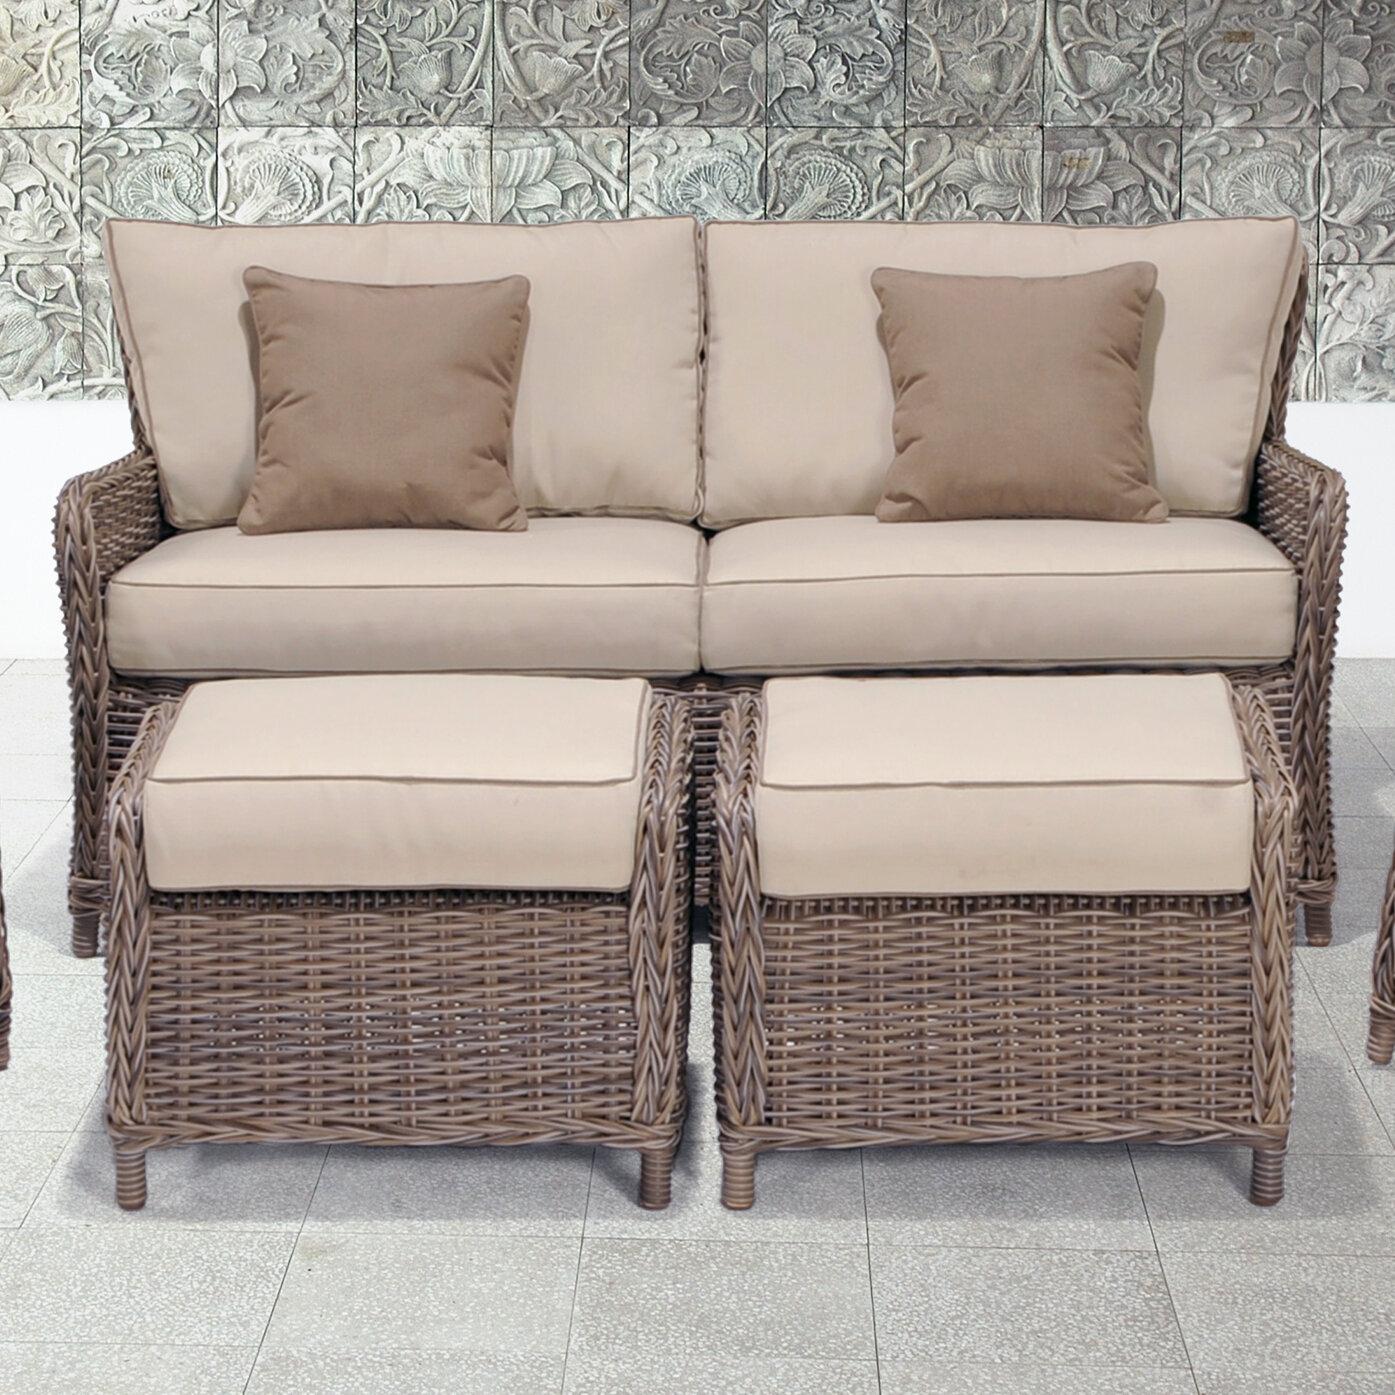 cheap 3 piece sofa home and textiles cheap 3 piece sofas uk cheap 3 piece sofas fabric